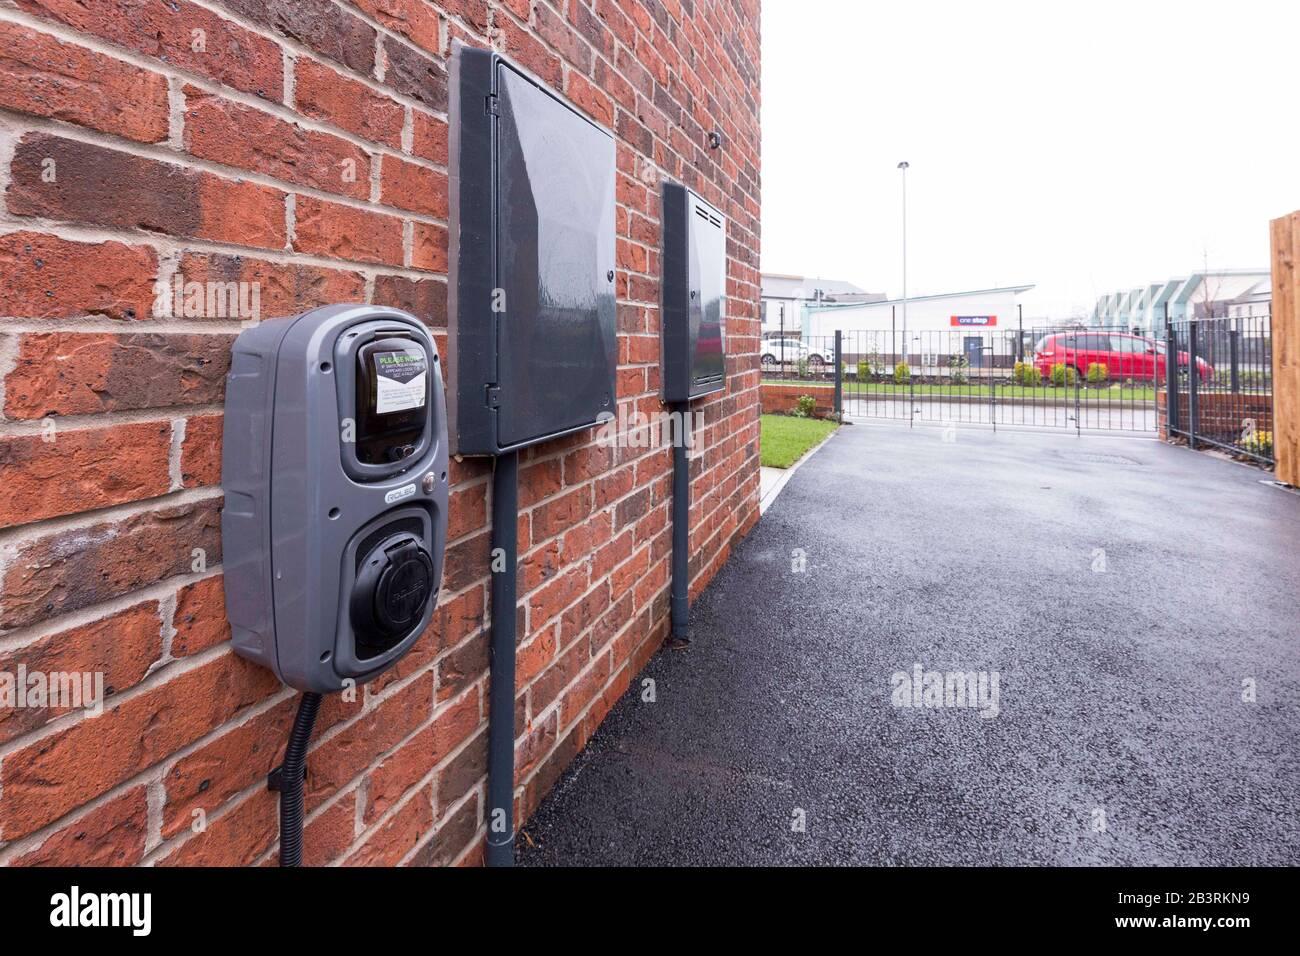 Punto de carga de coches eléctricos en una casa en Inglaterra Foto de stock